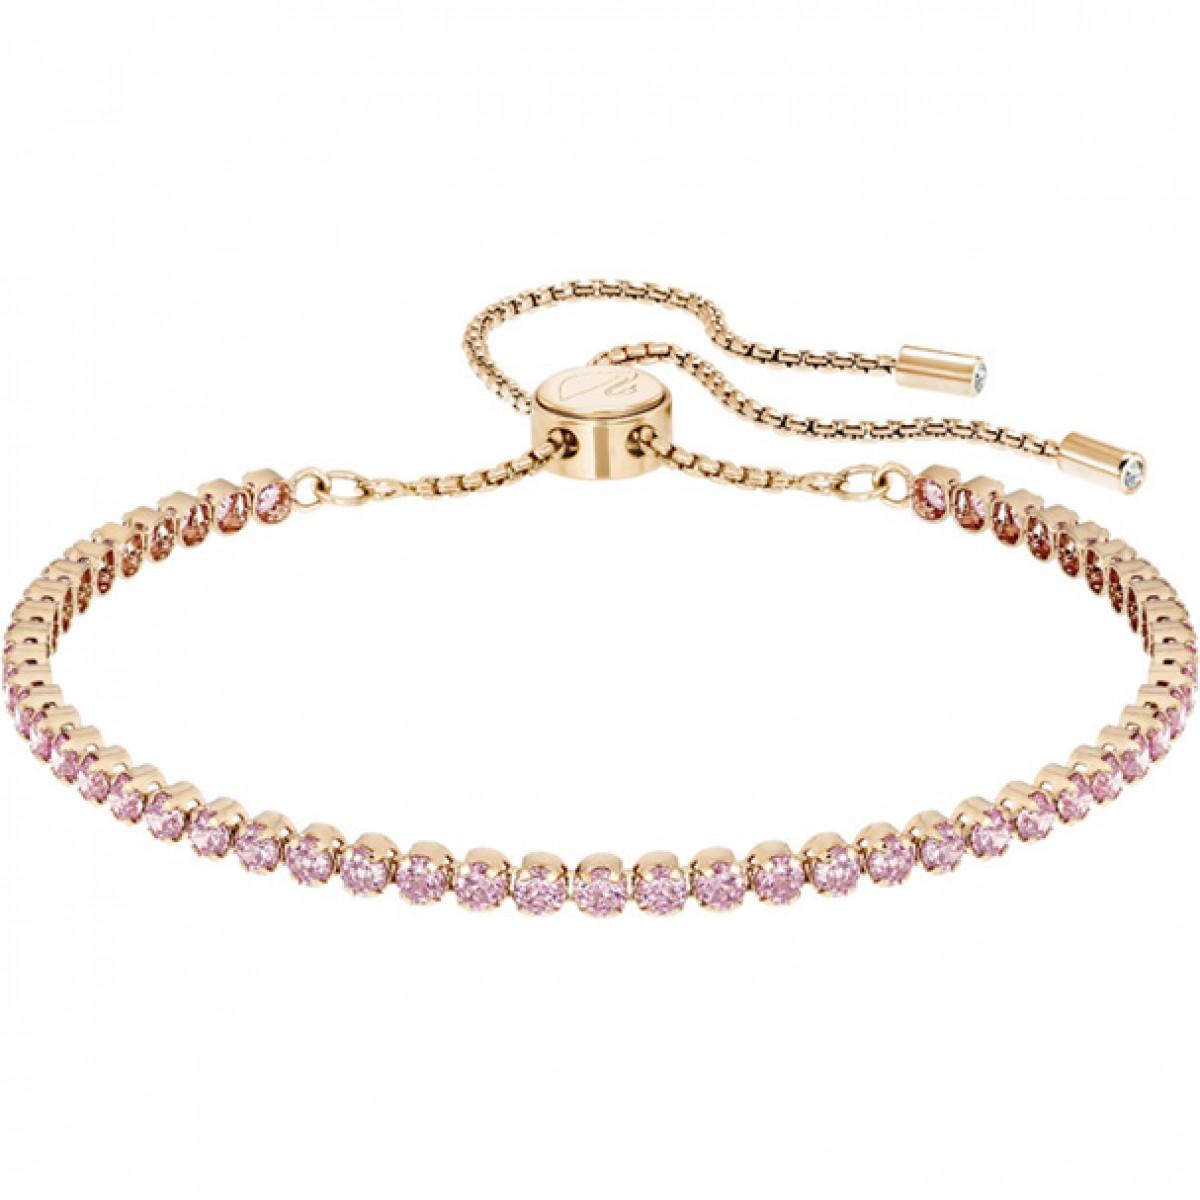 Bracelet Subtle 5382310 ΓΥΝΑΙΚΕΙΑ 1f16dbda59c1